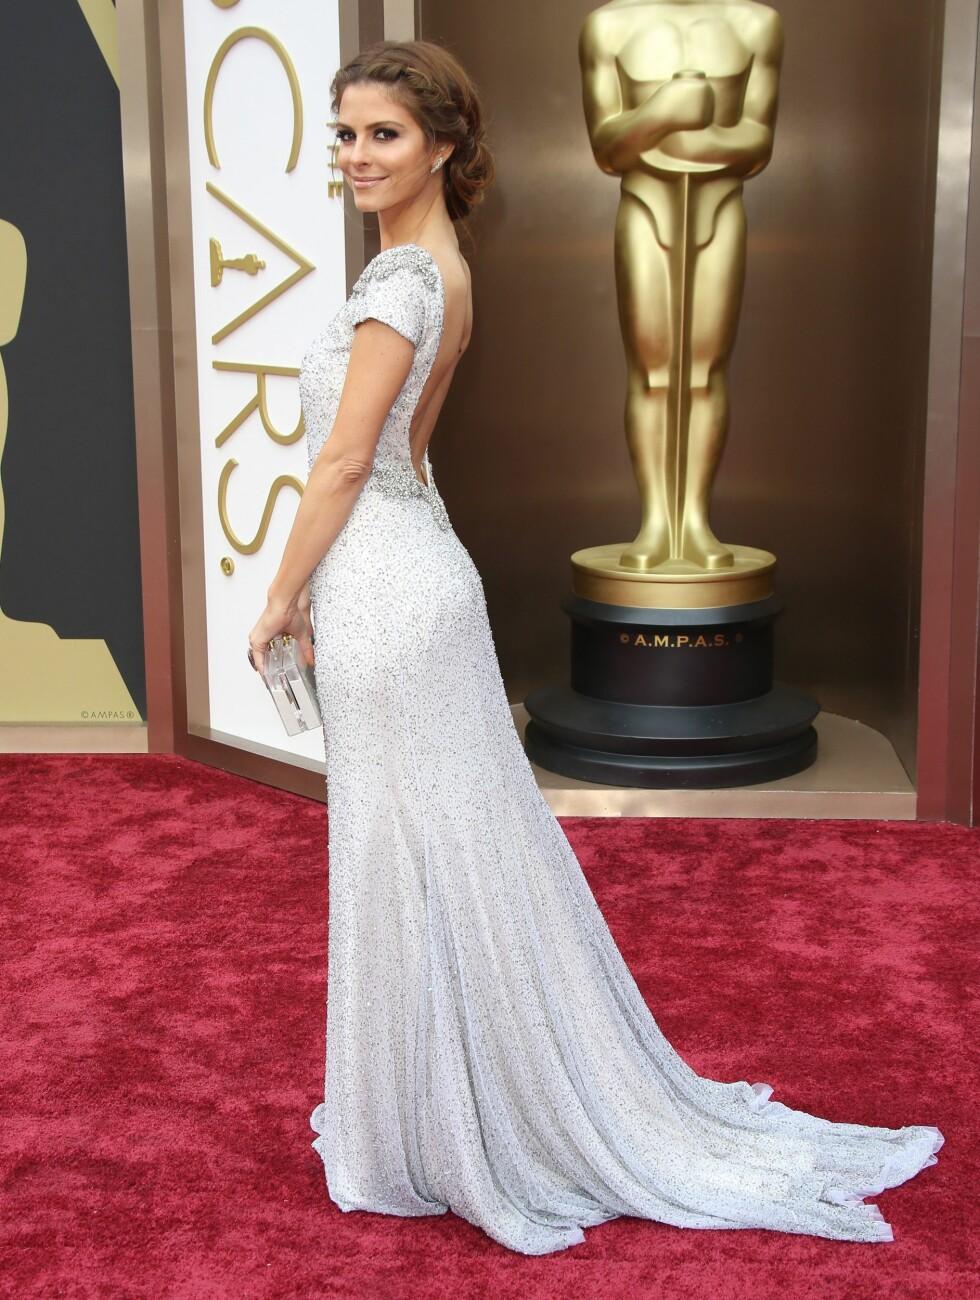 Skuespiller Maria Menounos (35) strålte i en tettsittende sølvkjole med små perler og åpen rygg. Foto: REX/Jim Smeal/BEI/All Over Press